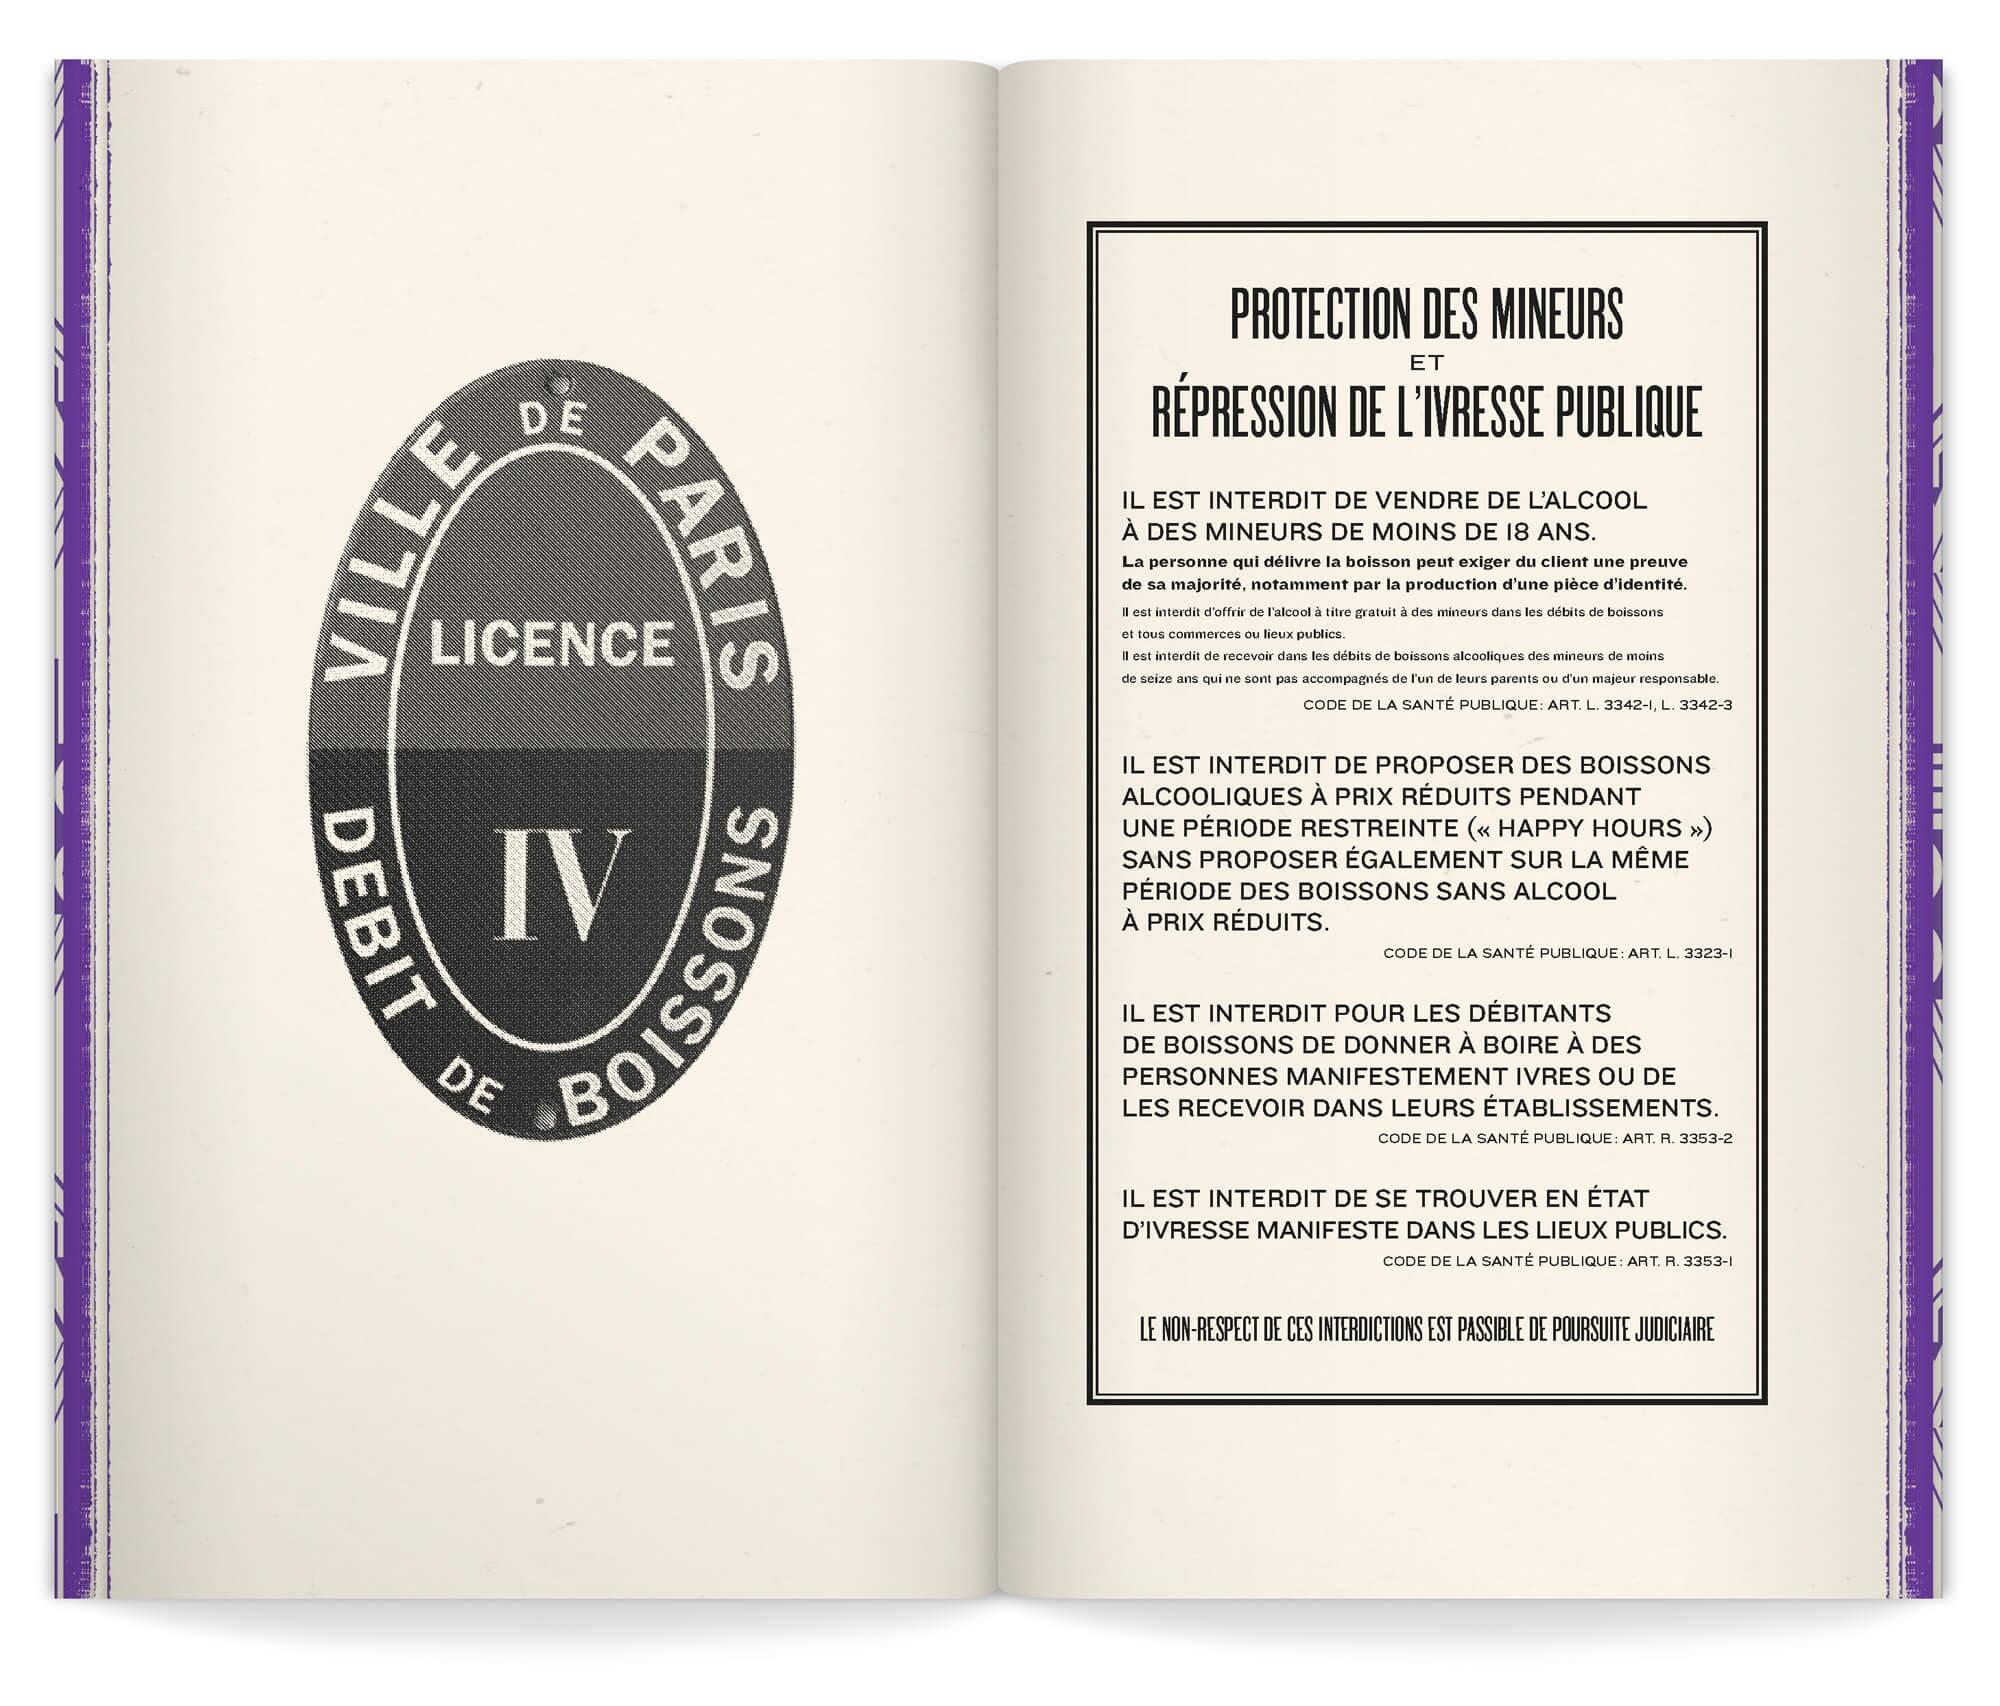 intérieur de la carte-livre menu du bar parisien Andy Wahloo, un livre aux allure de roman de gare, vintage, dans une ambiance retro alcolisée pensé par le studio Ich&Kar